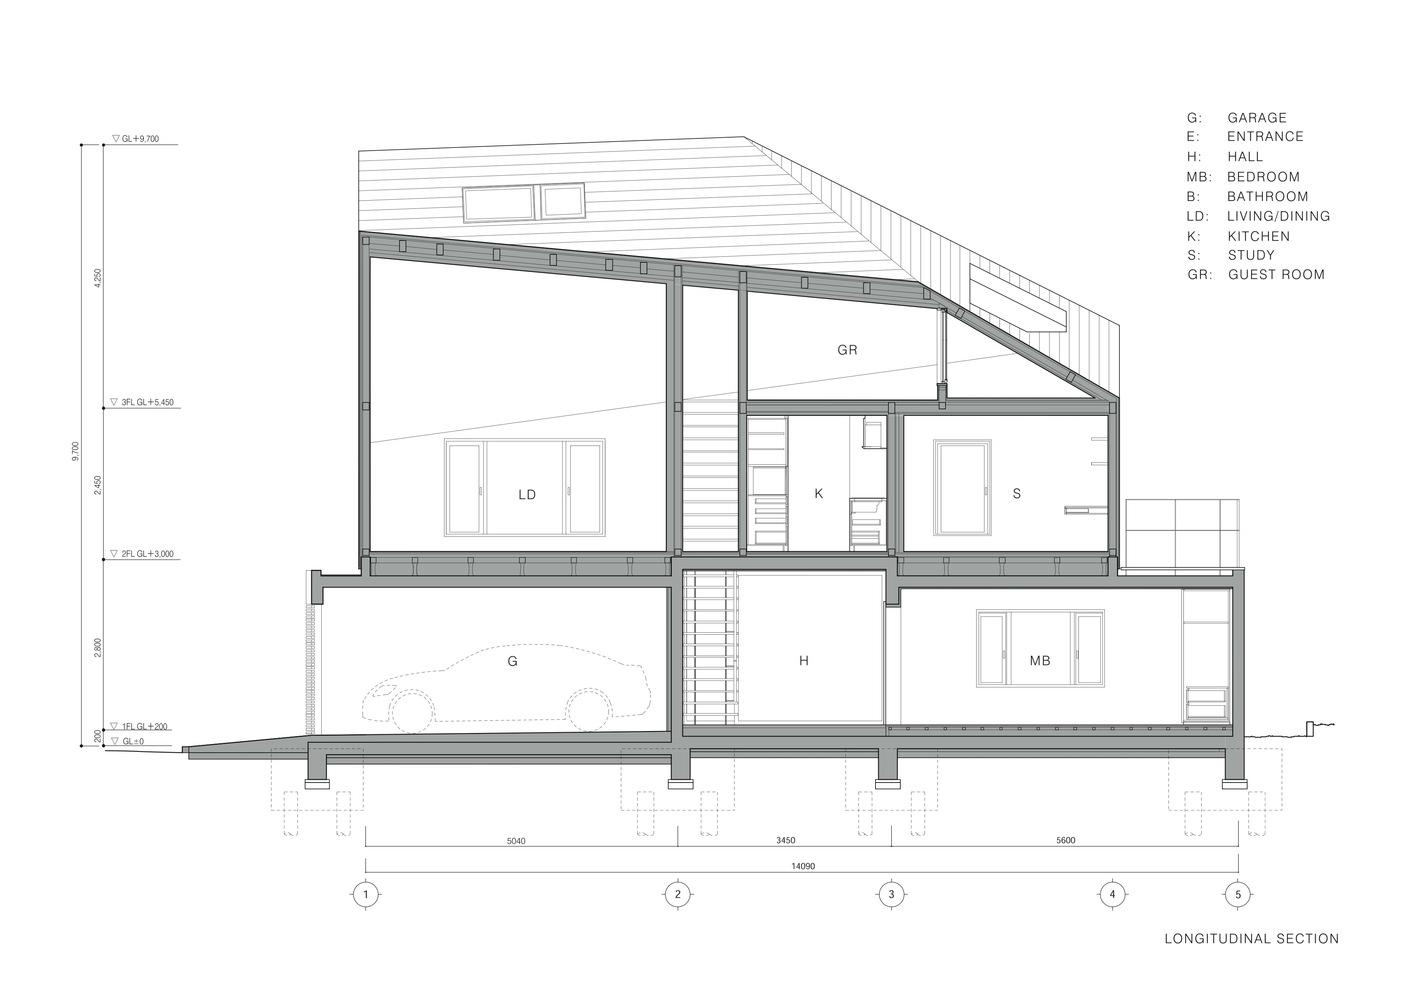 U House,Longitudinal Section